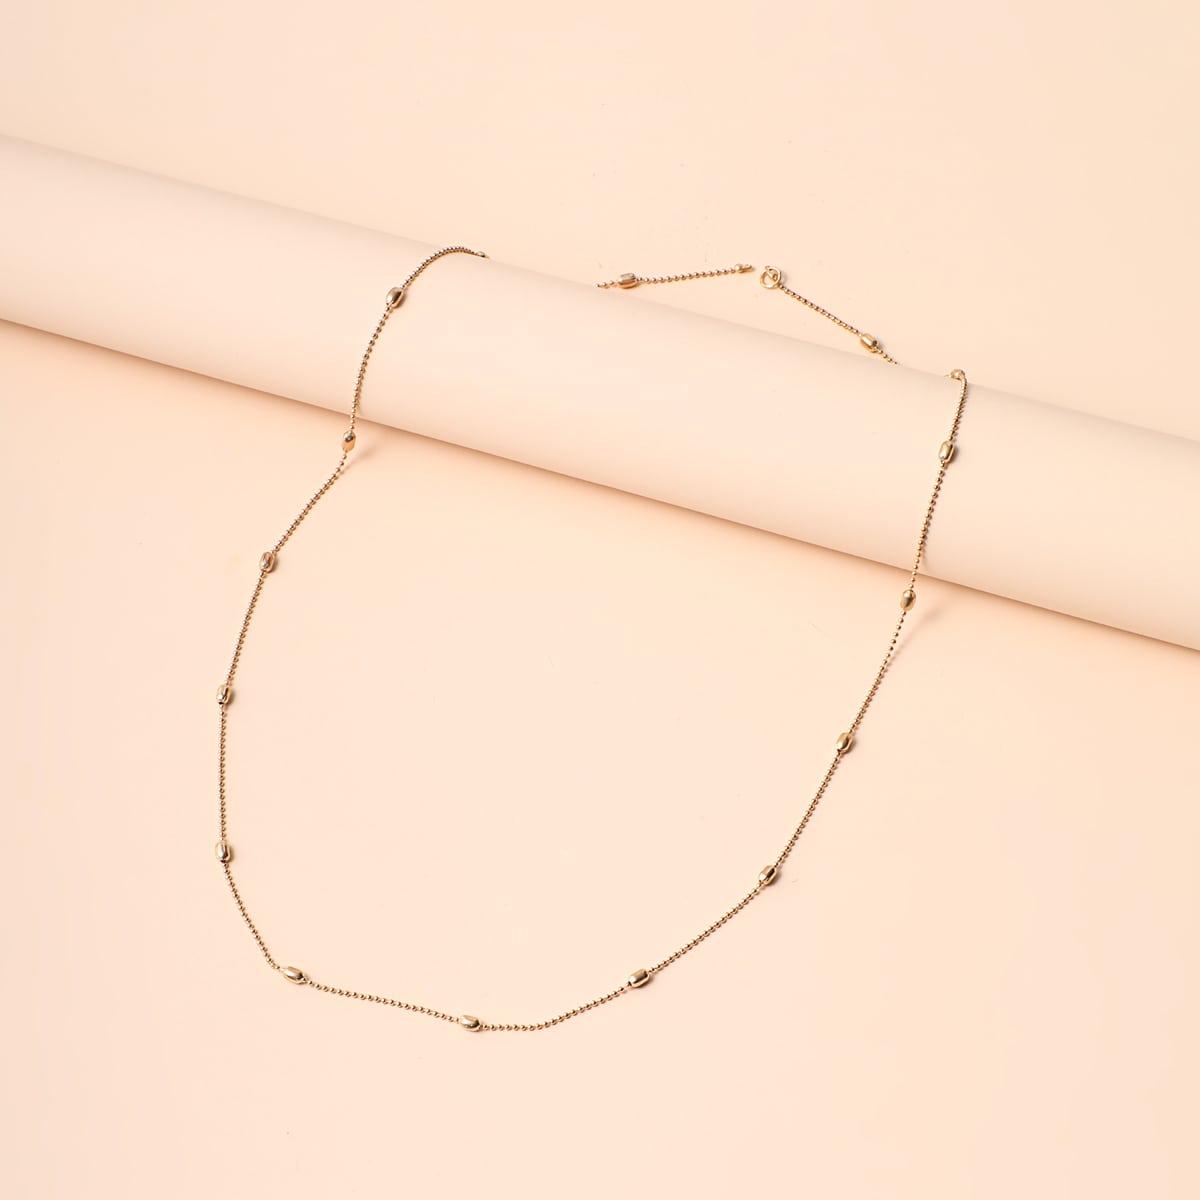 SHEIN / Halskette mit goldem Perlen Anhänger